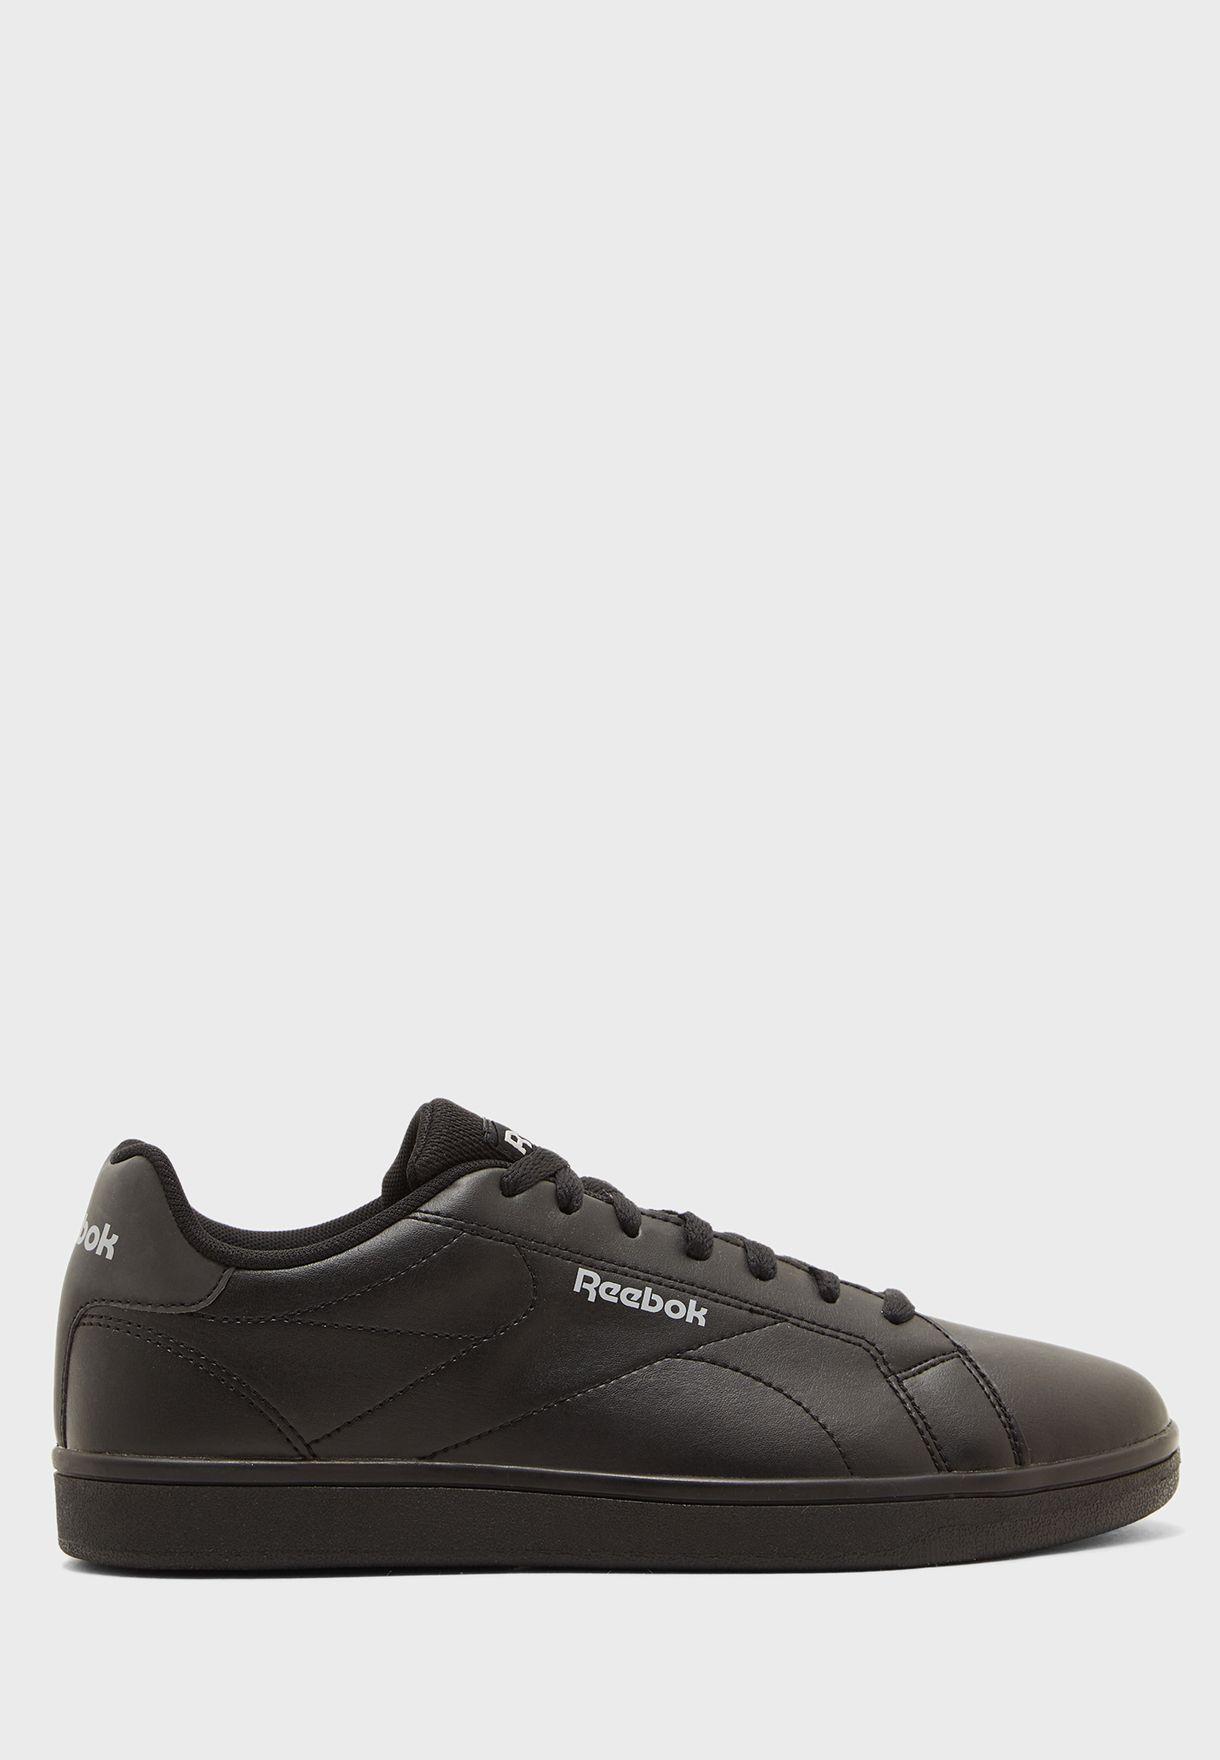 حذاء رويال كومبليت سي ال ان 2